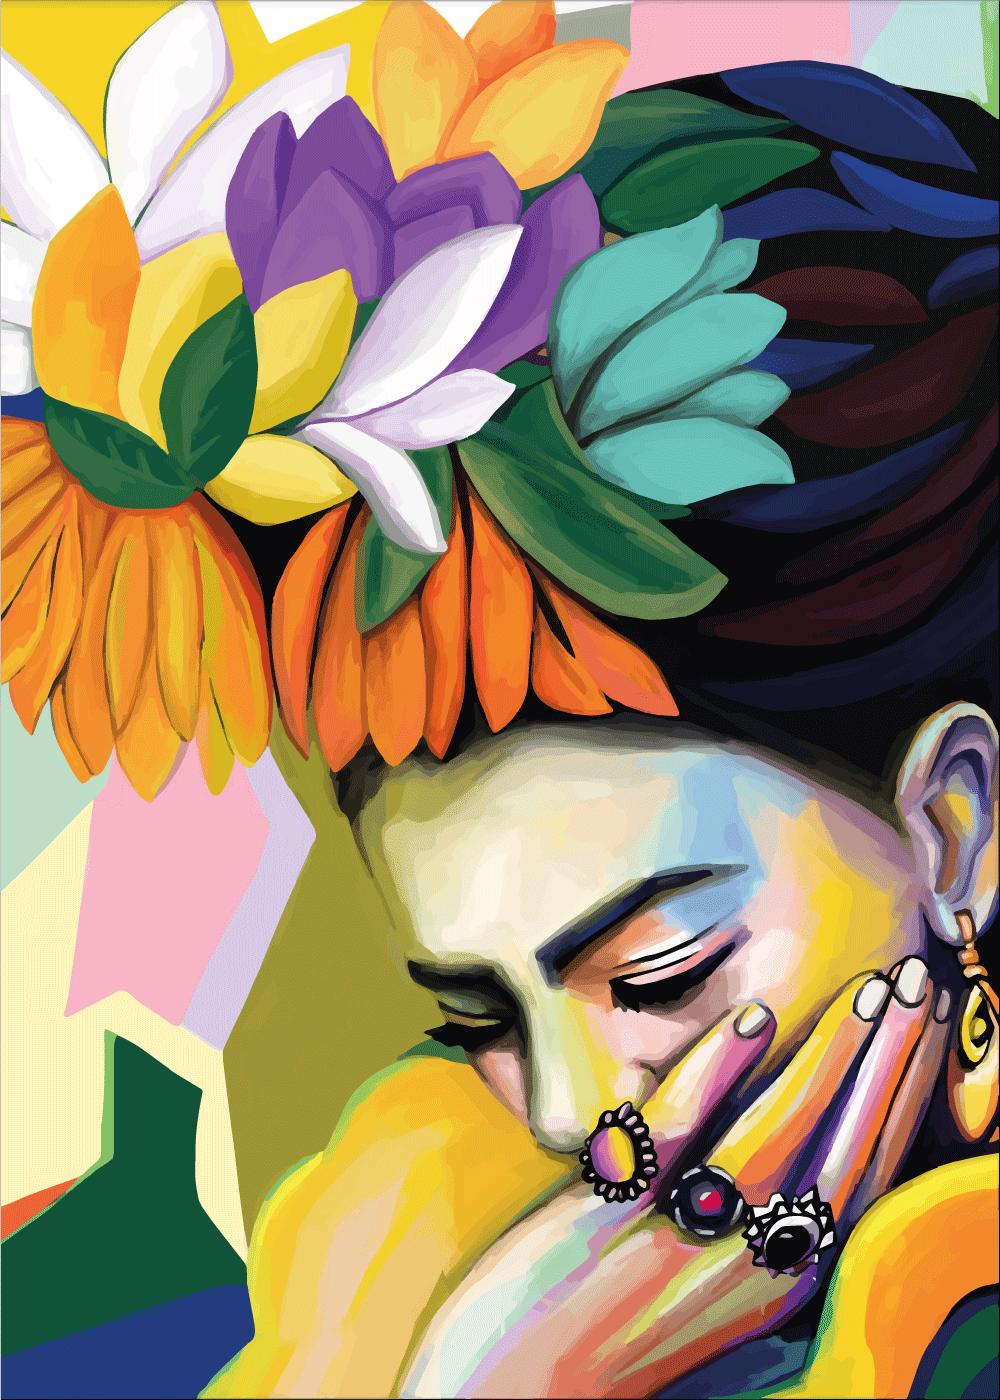 Billede af Shy Frida - Frida Kahlo inspireret plakat